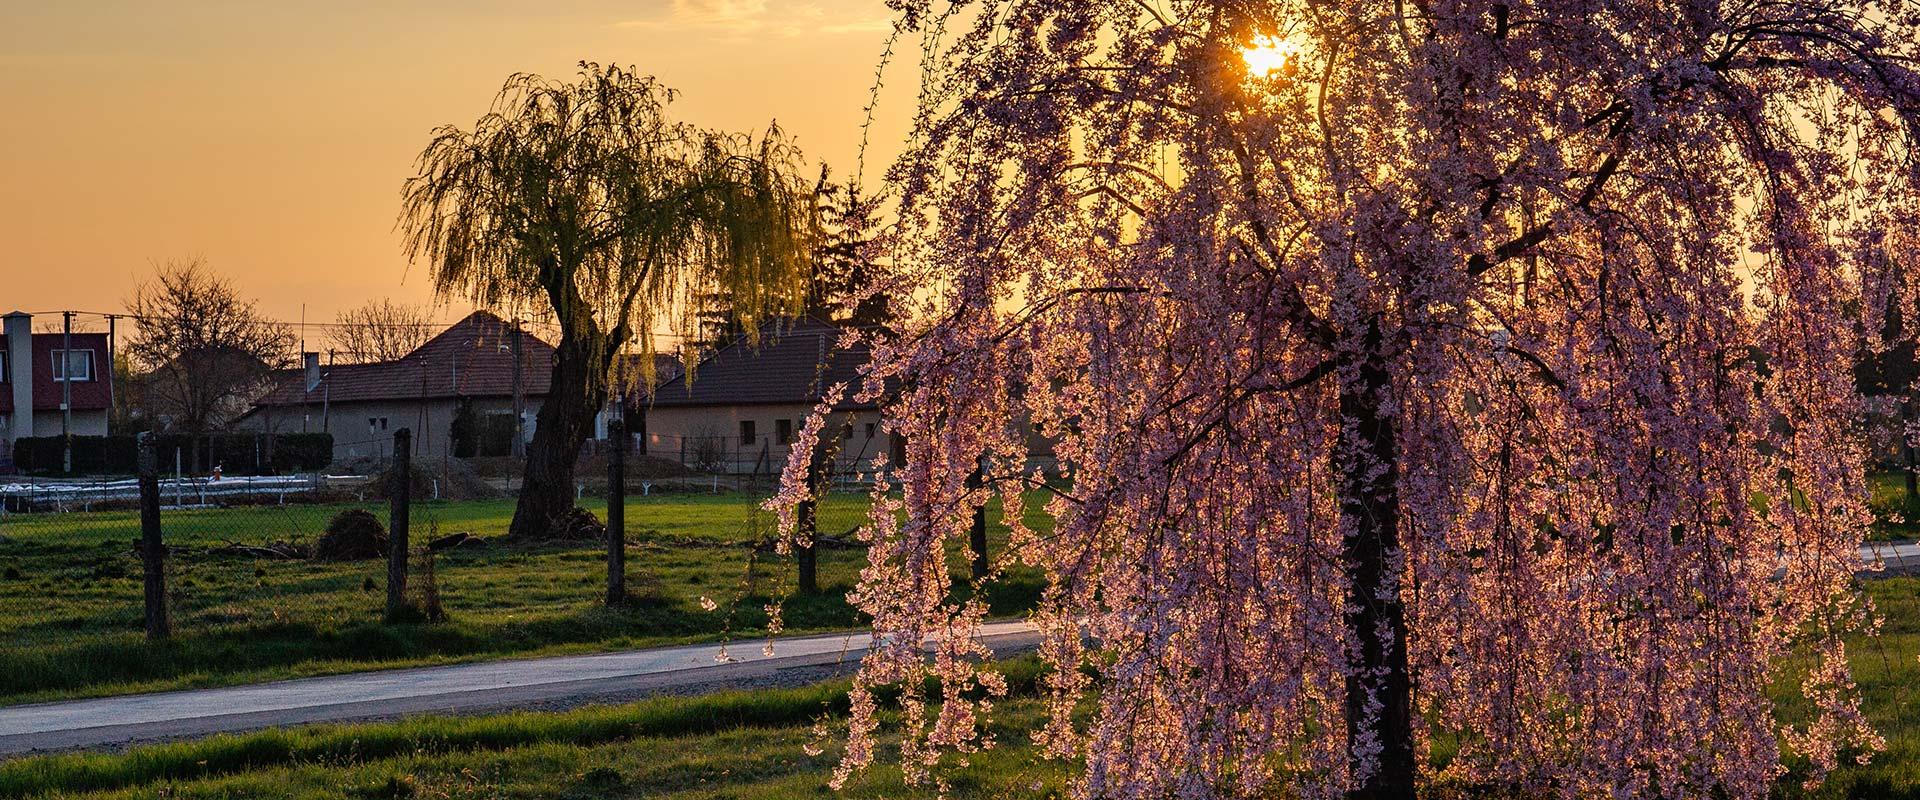 strom_vchod-slnka